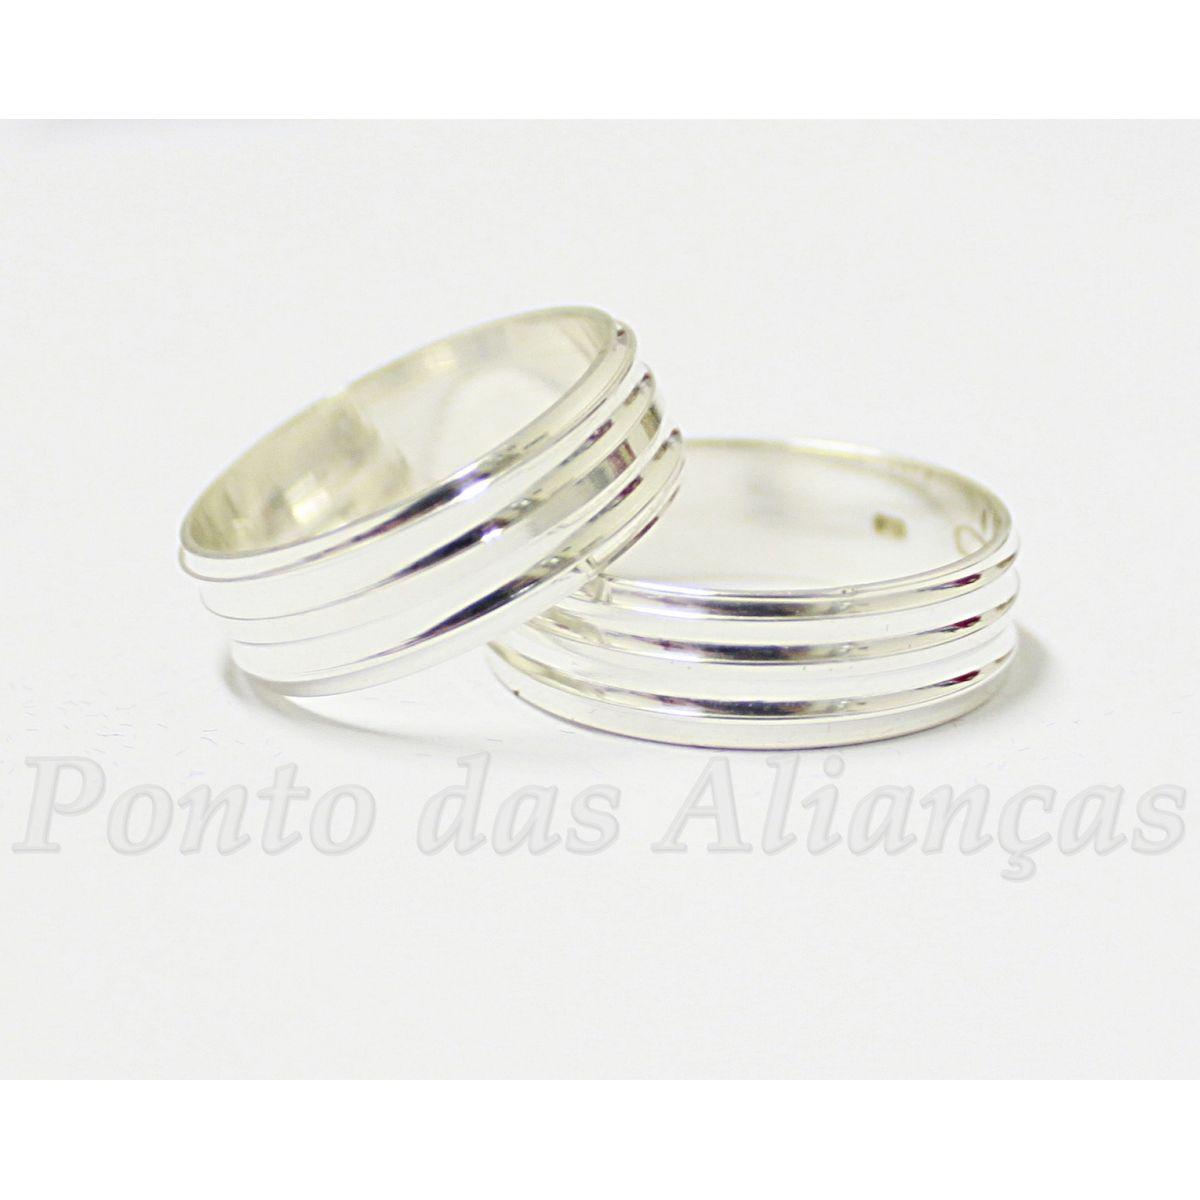 Alianças de Prata Compromisso - 903P